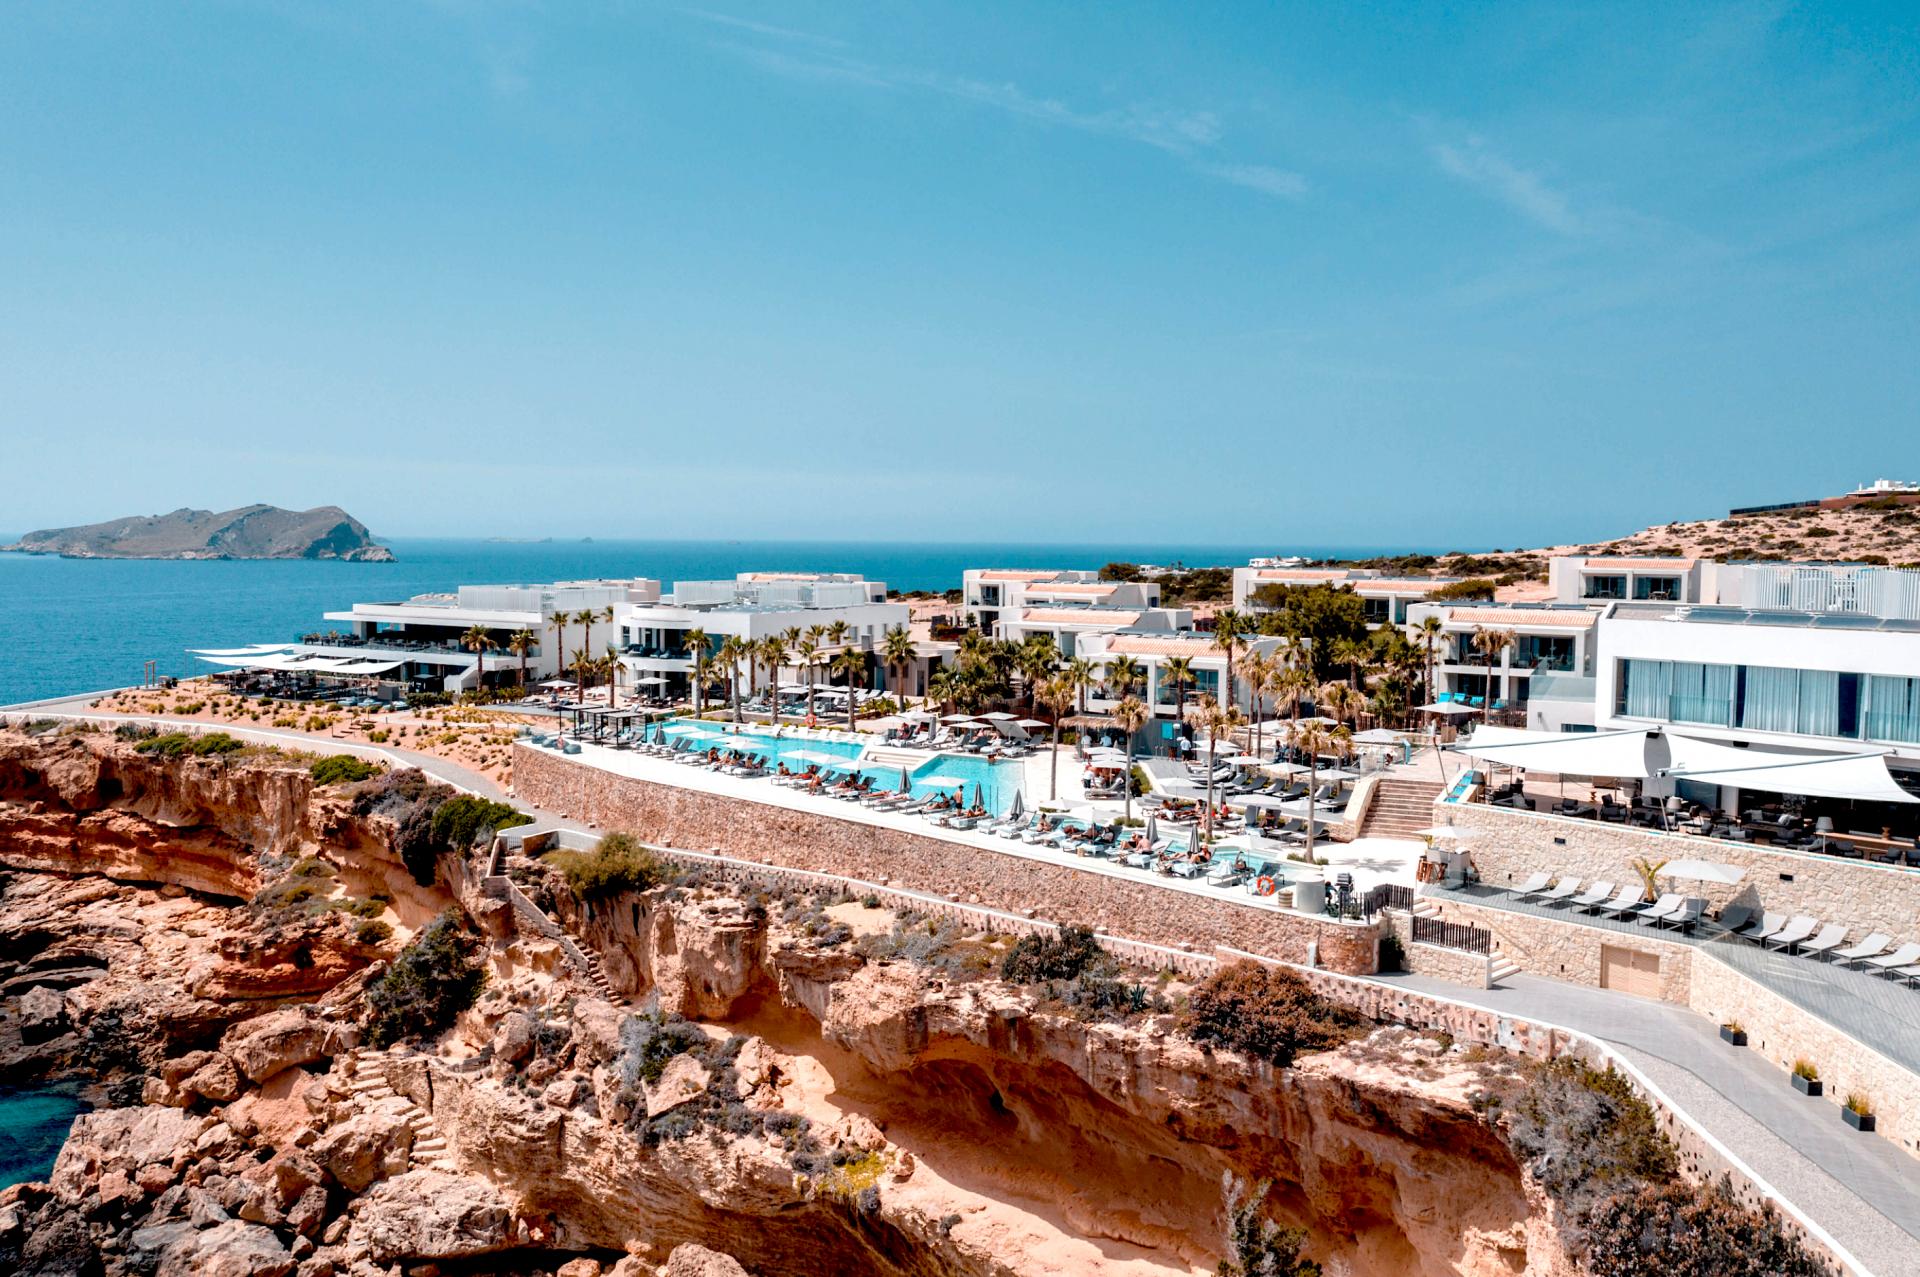 7Pines Ibiza Hyatt Hotel